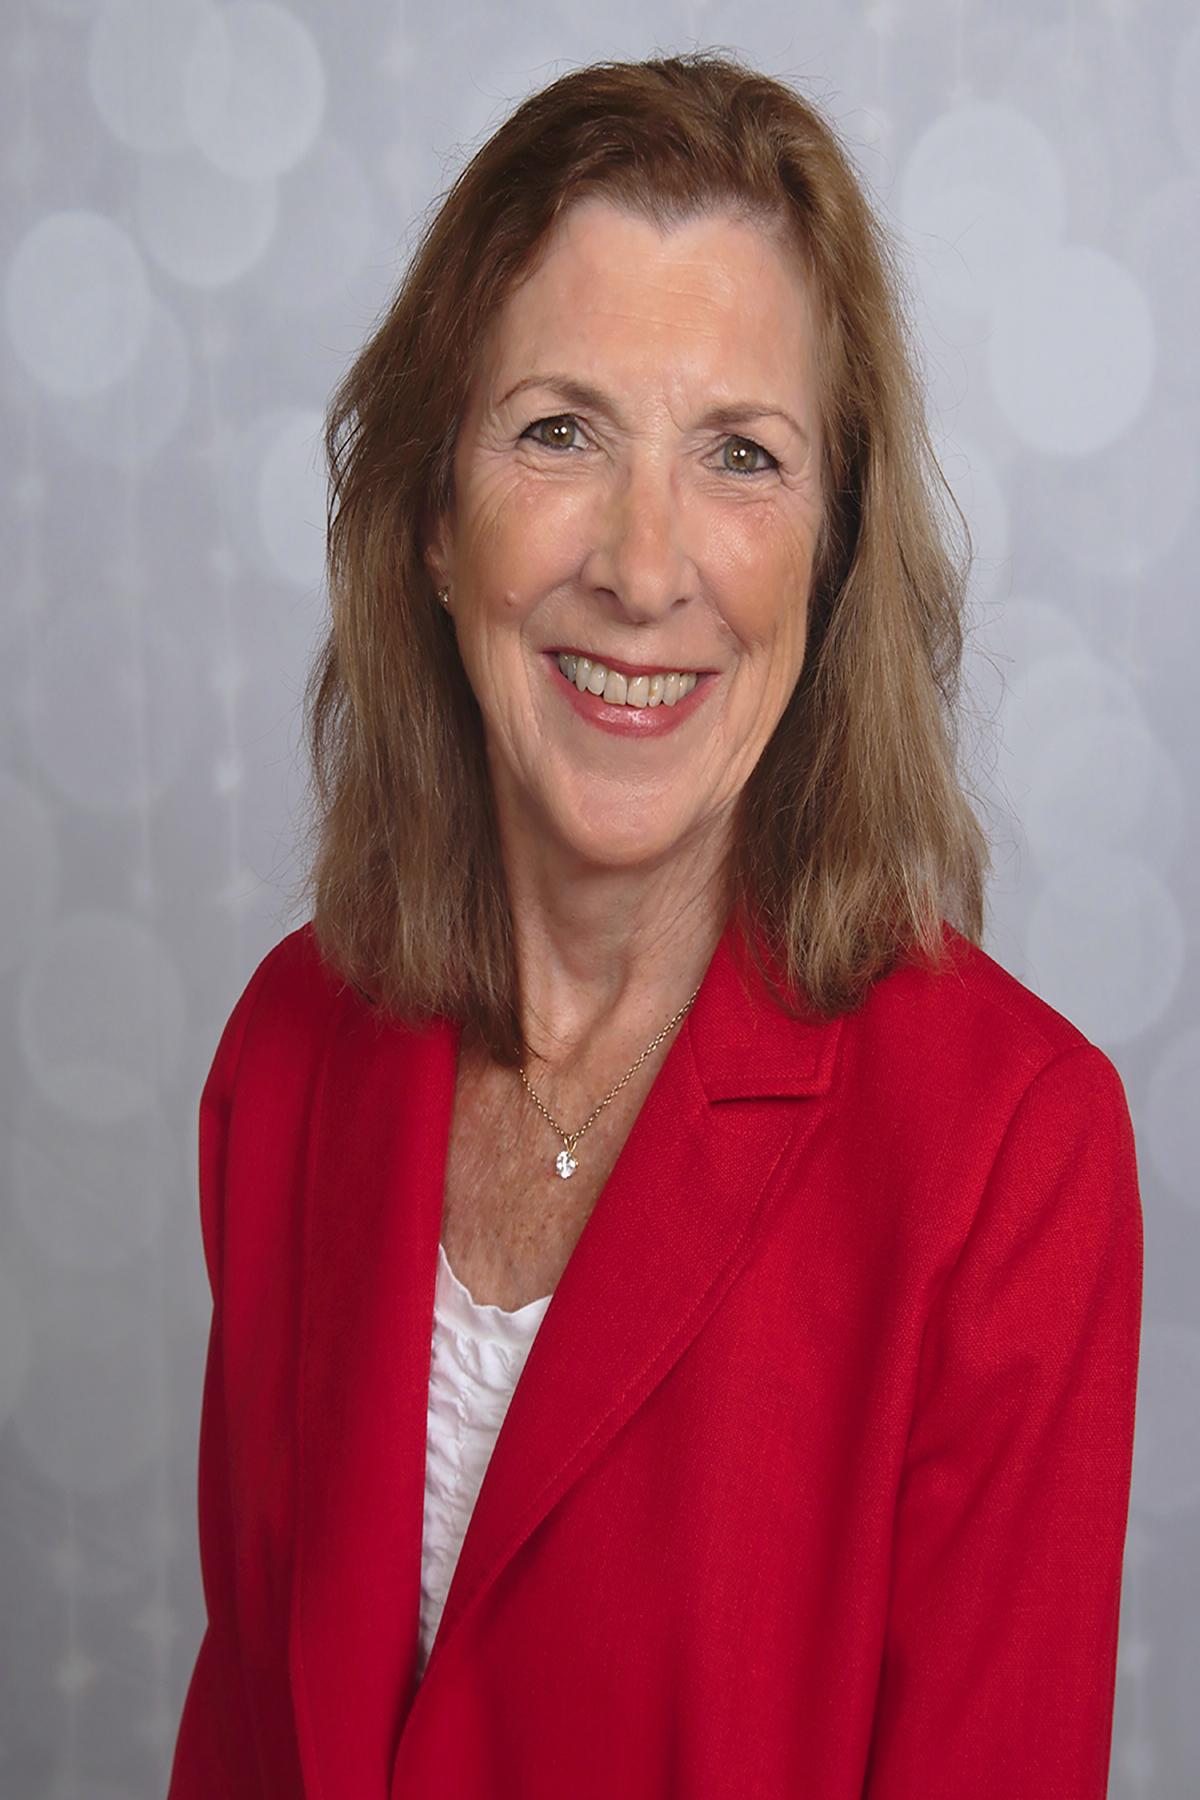 Elizabeth Chamberlin